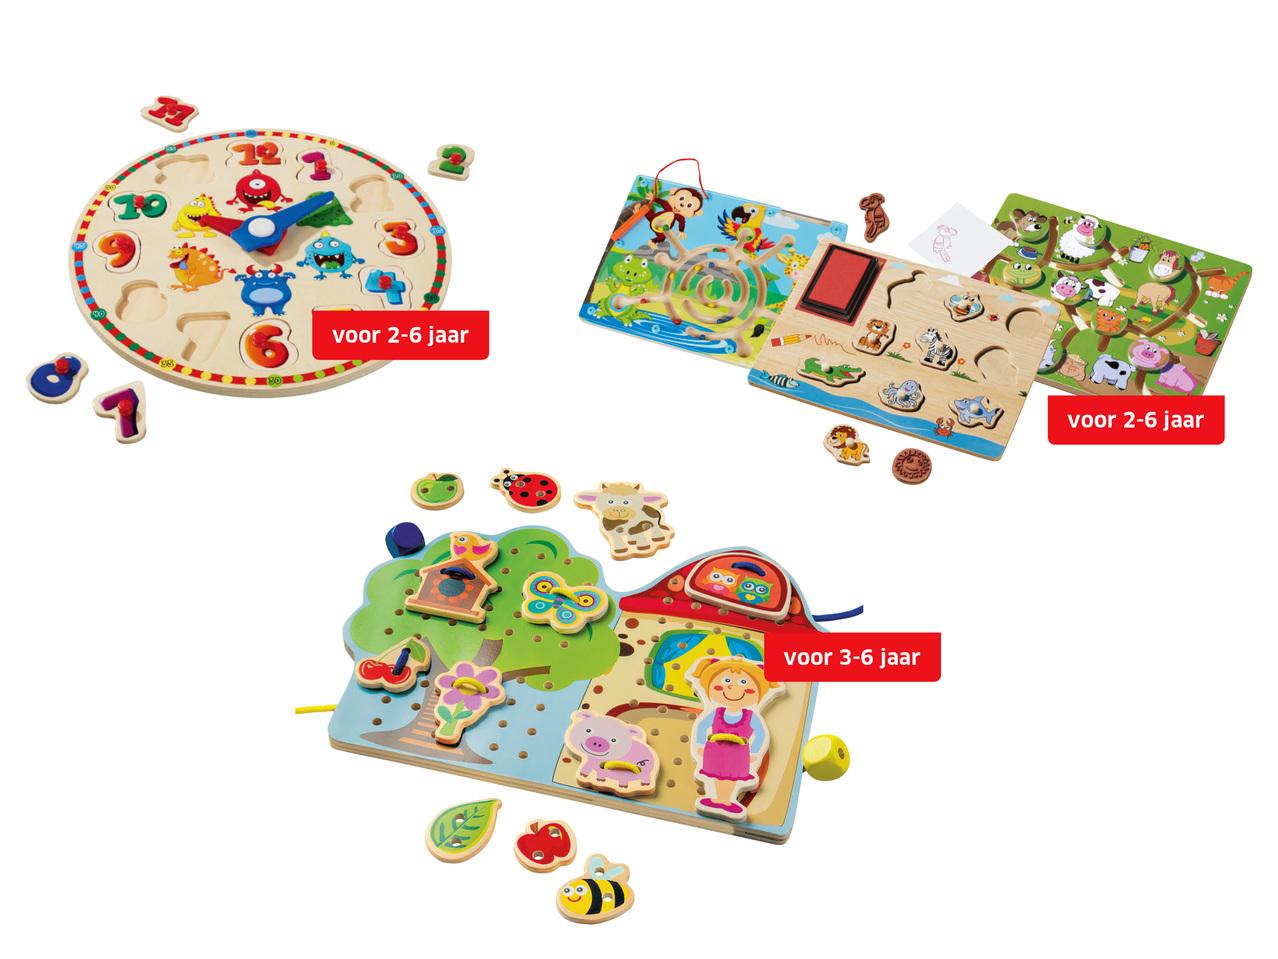 houten puzzels 499 - Geweldig (budget!) houten speelgoed tips voor Sinterklaas